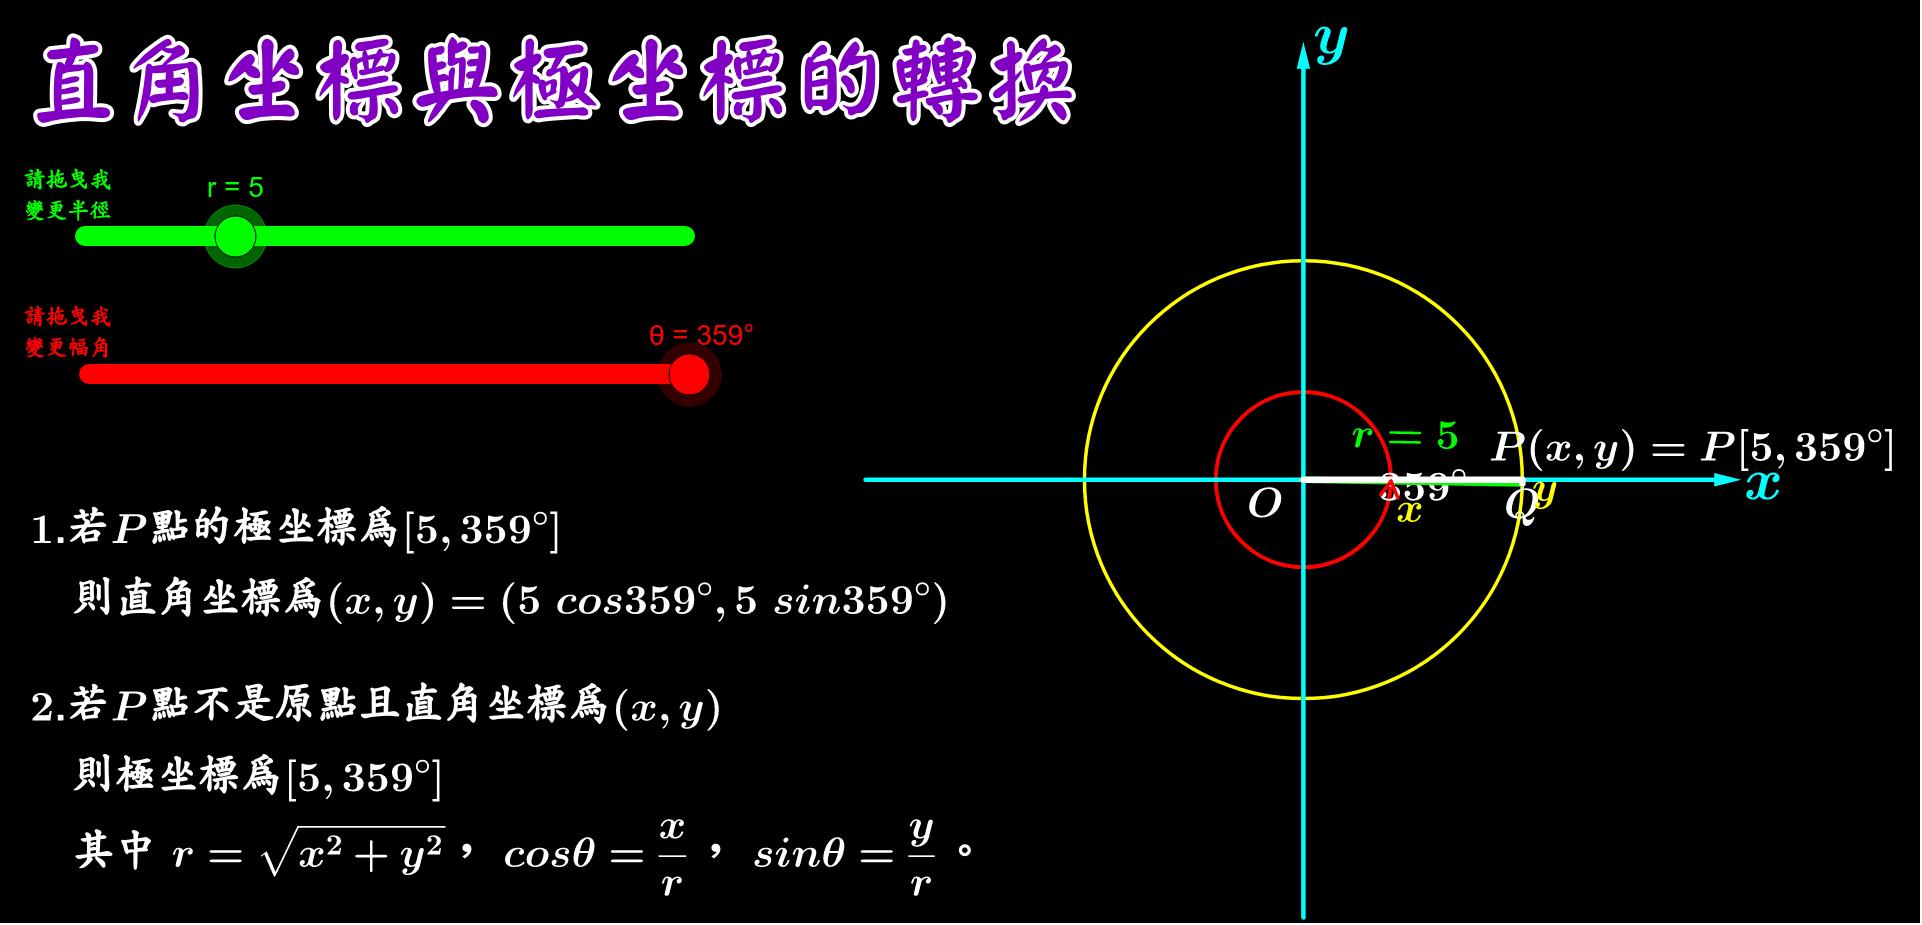 請拉動[數值滑桿]觀察座標的轉換 按 Enter 鍵開始活動